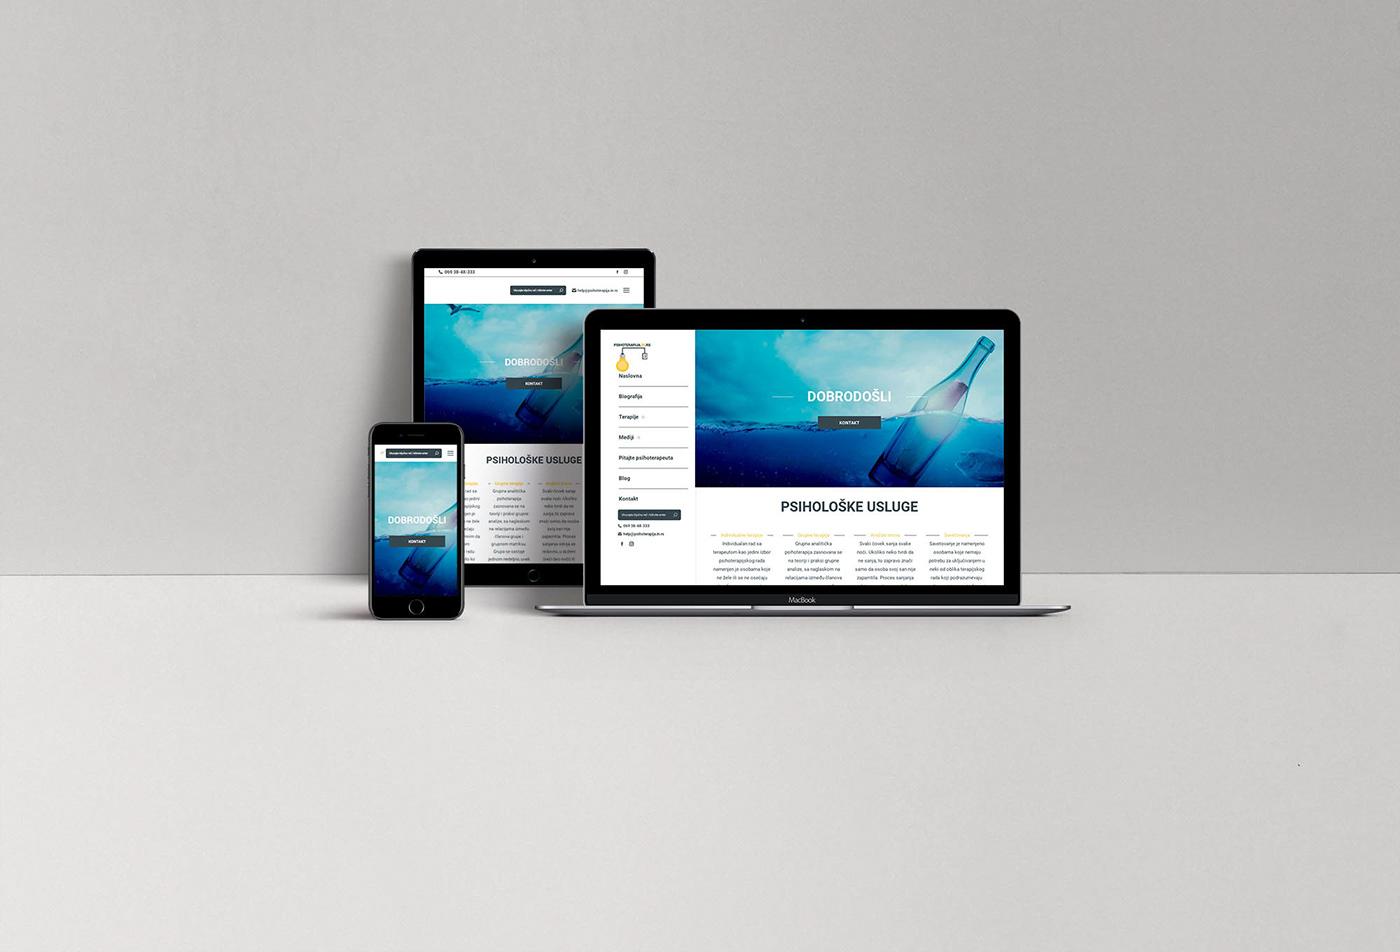 Image may contain: screenshot, wall and computer